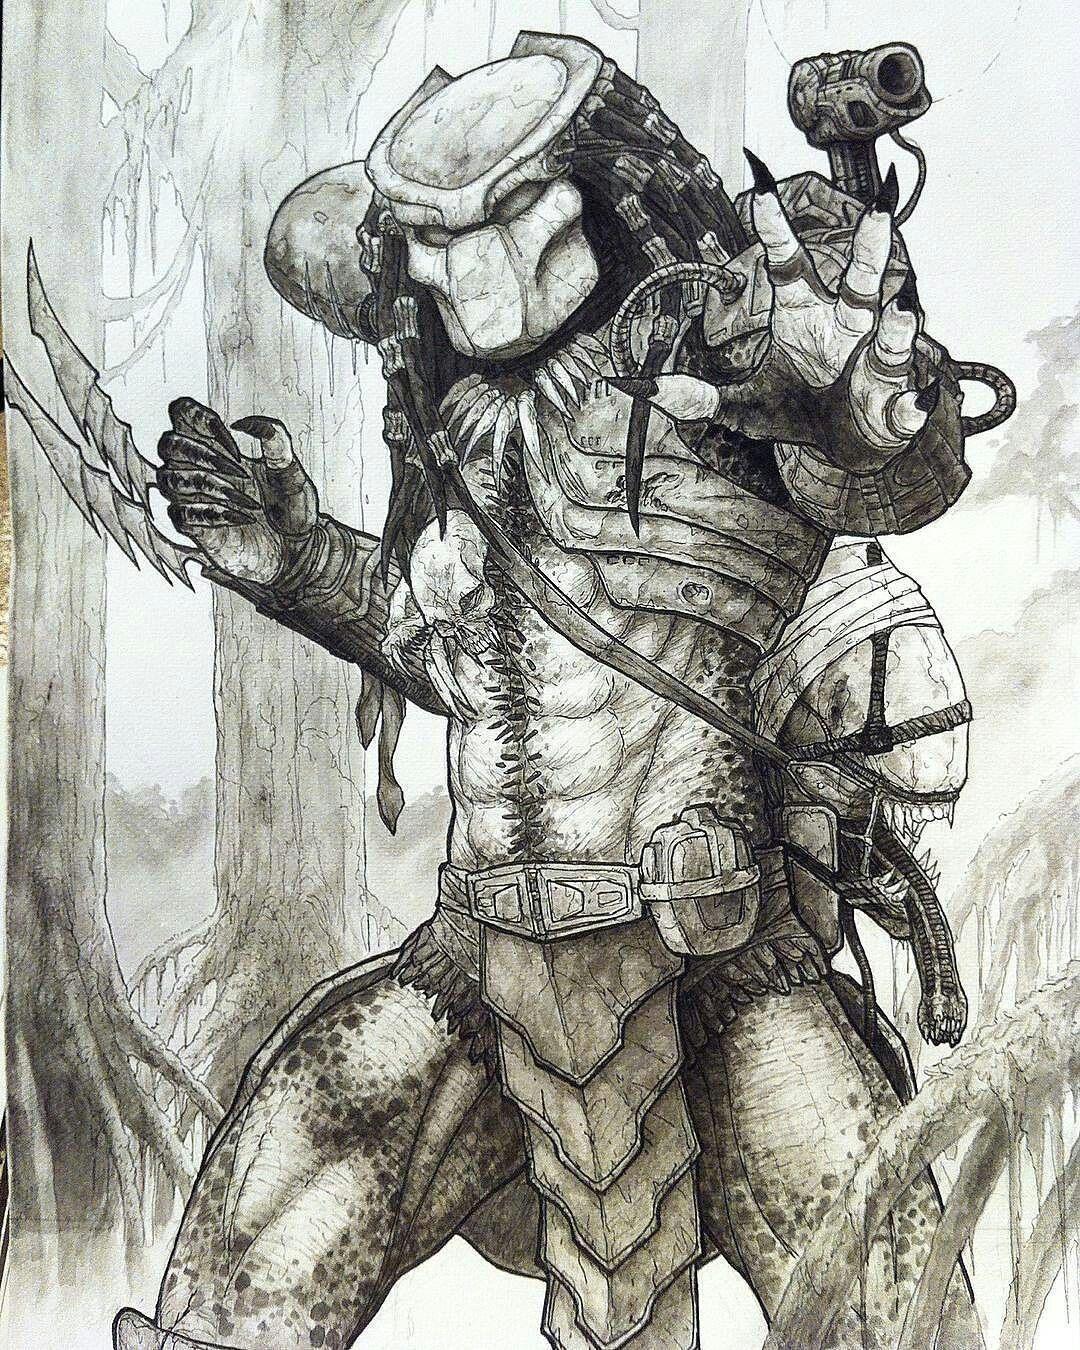 Pin de Jeff Bonin en Predator | Pinterest | Depredador, Póster y ...